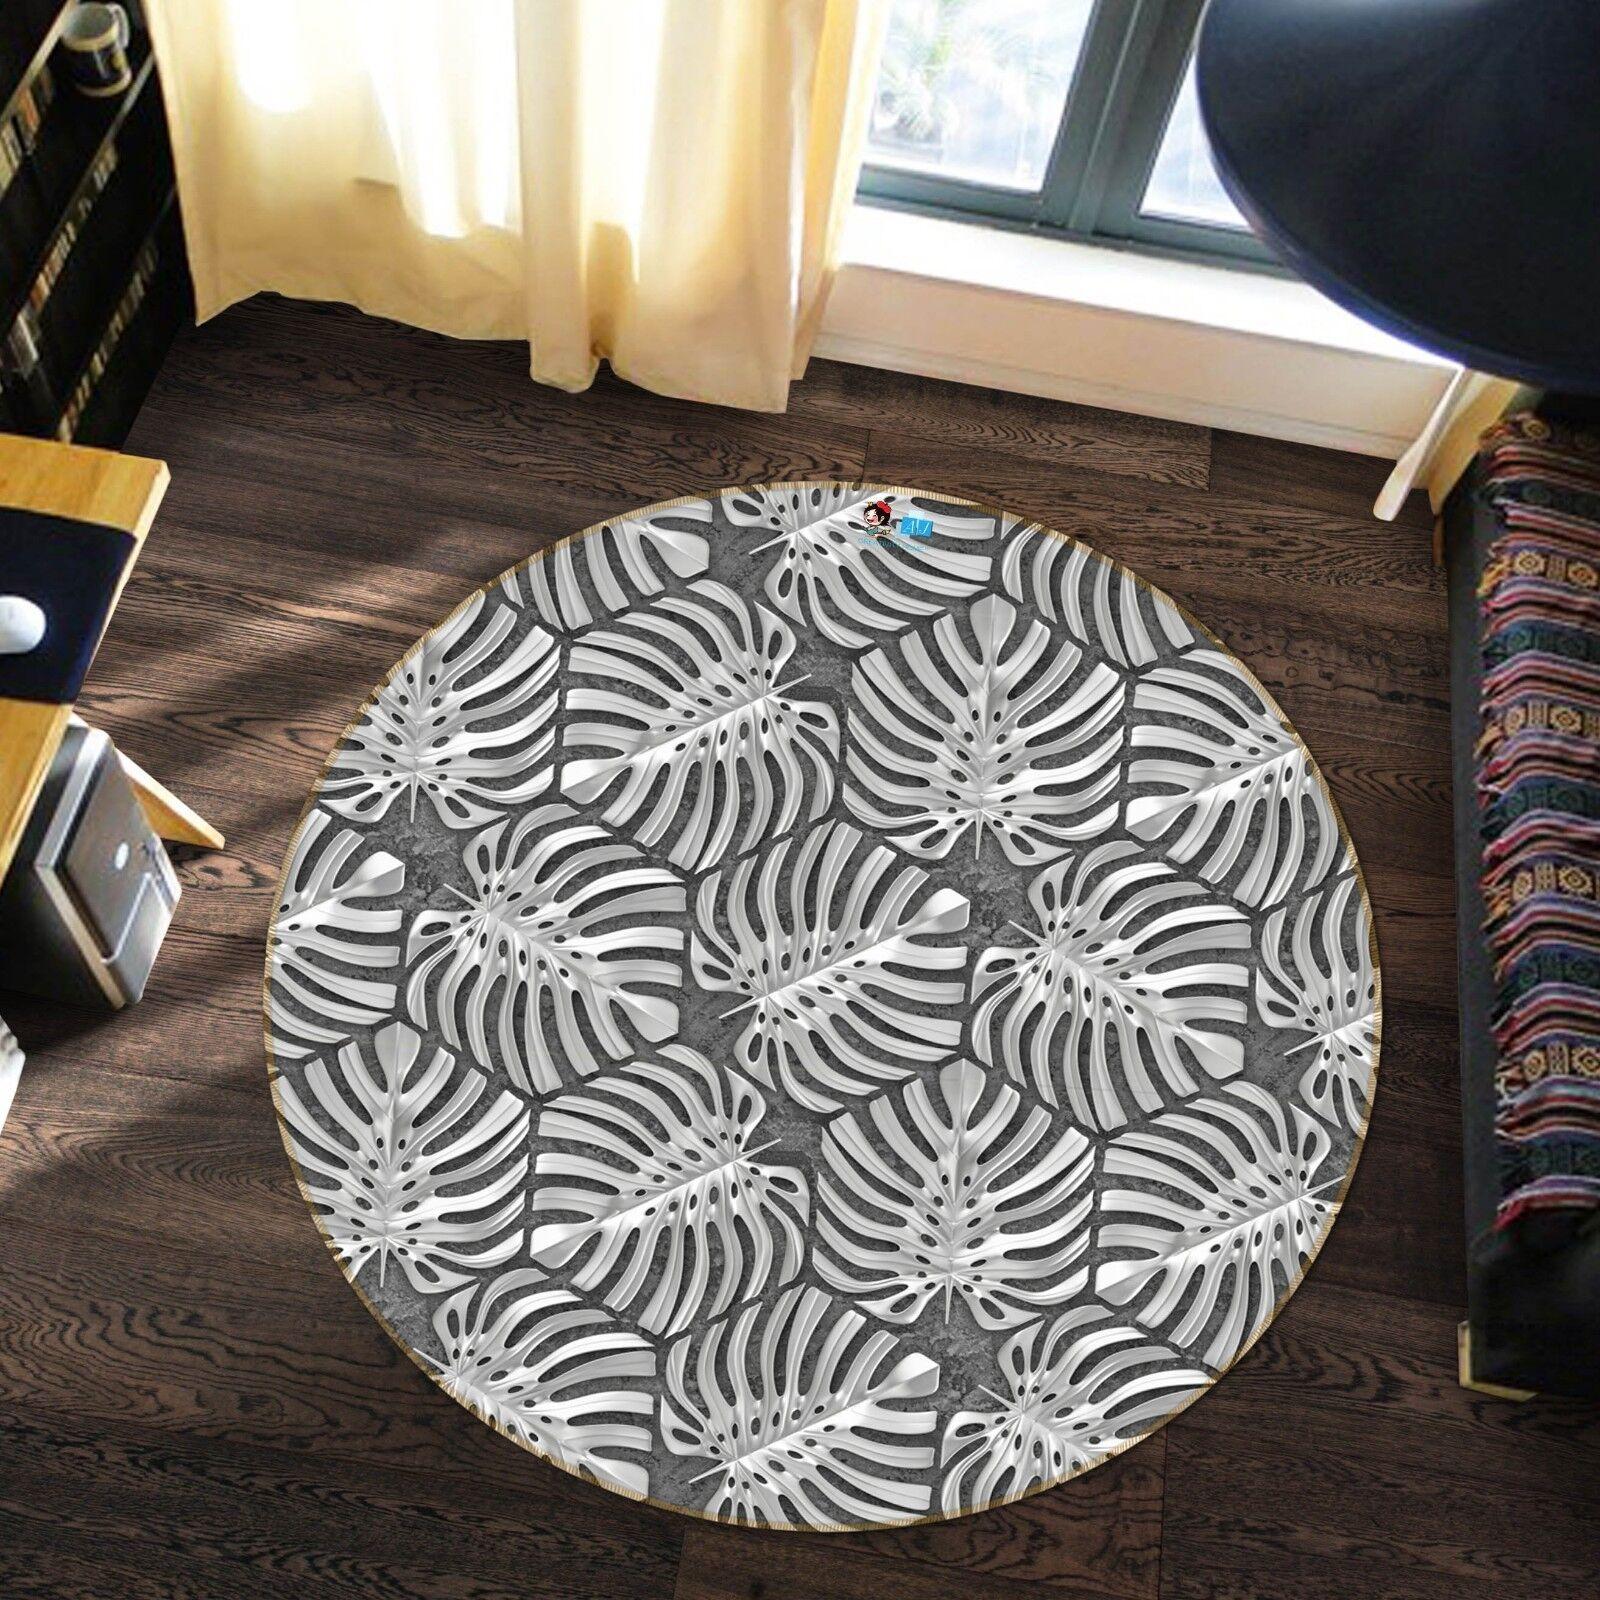 3D Schwarz Weiße Blätter 2 Teppich Rutschfest Teppich 2 Raum Matte ...